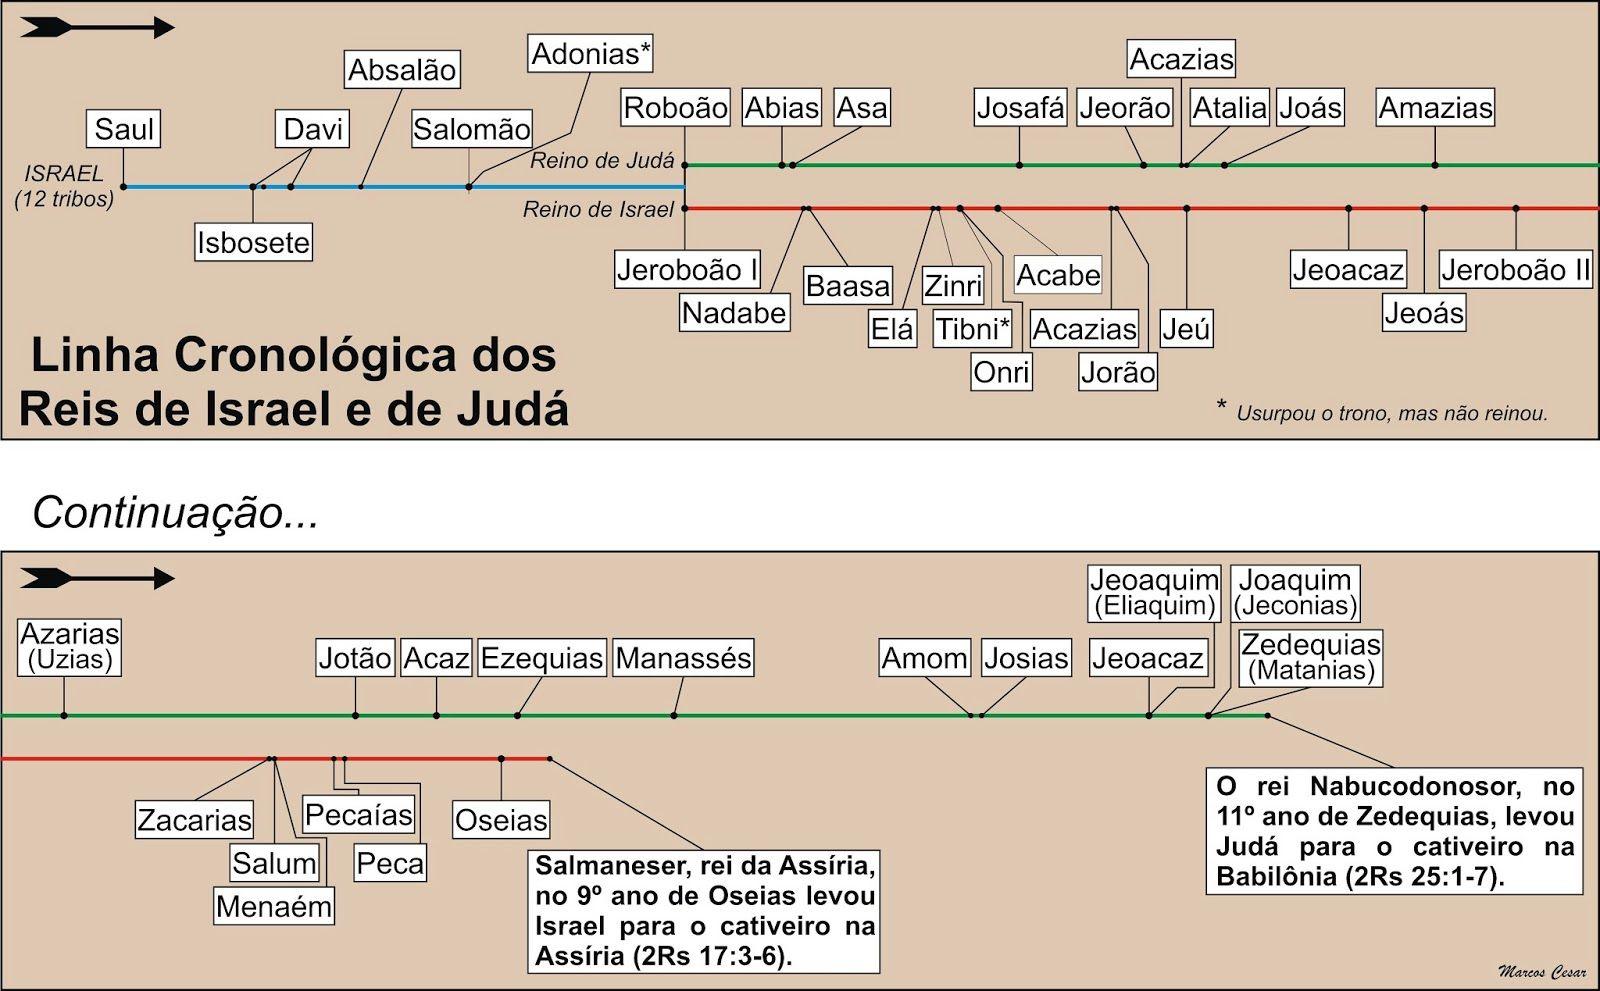 Linha Cronologica Dos Reis De Israel E De Juda Reis De Israel